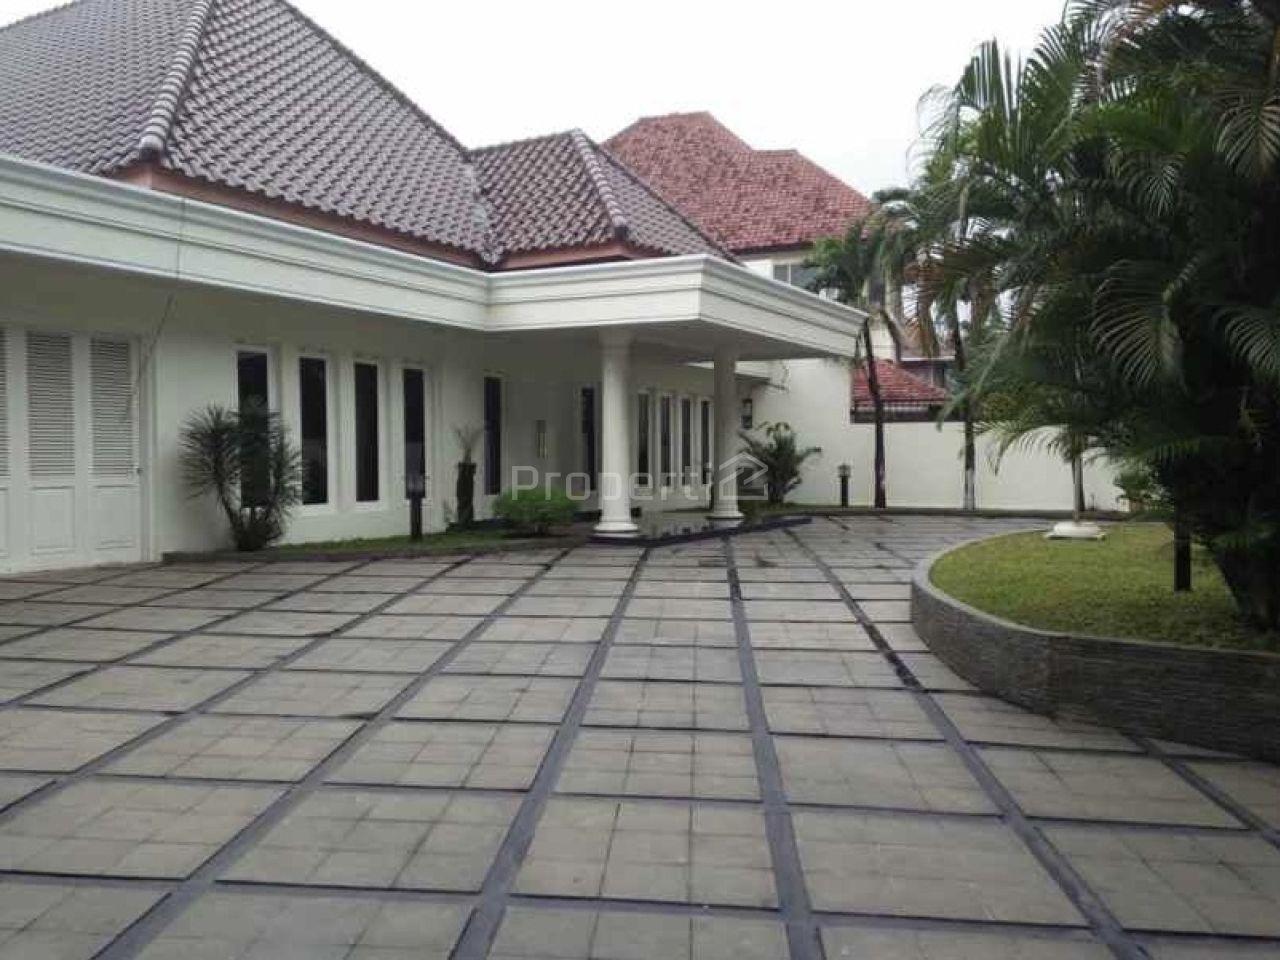 New House at Menteng, DKI Jakarta